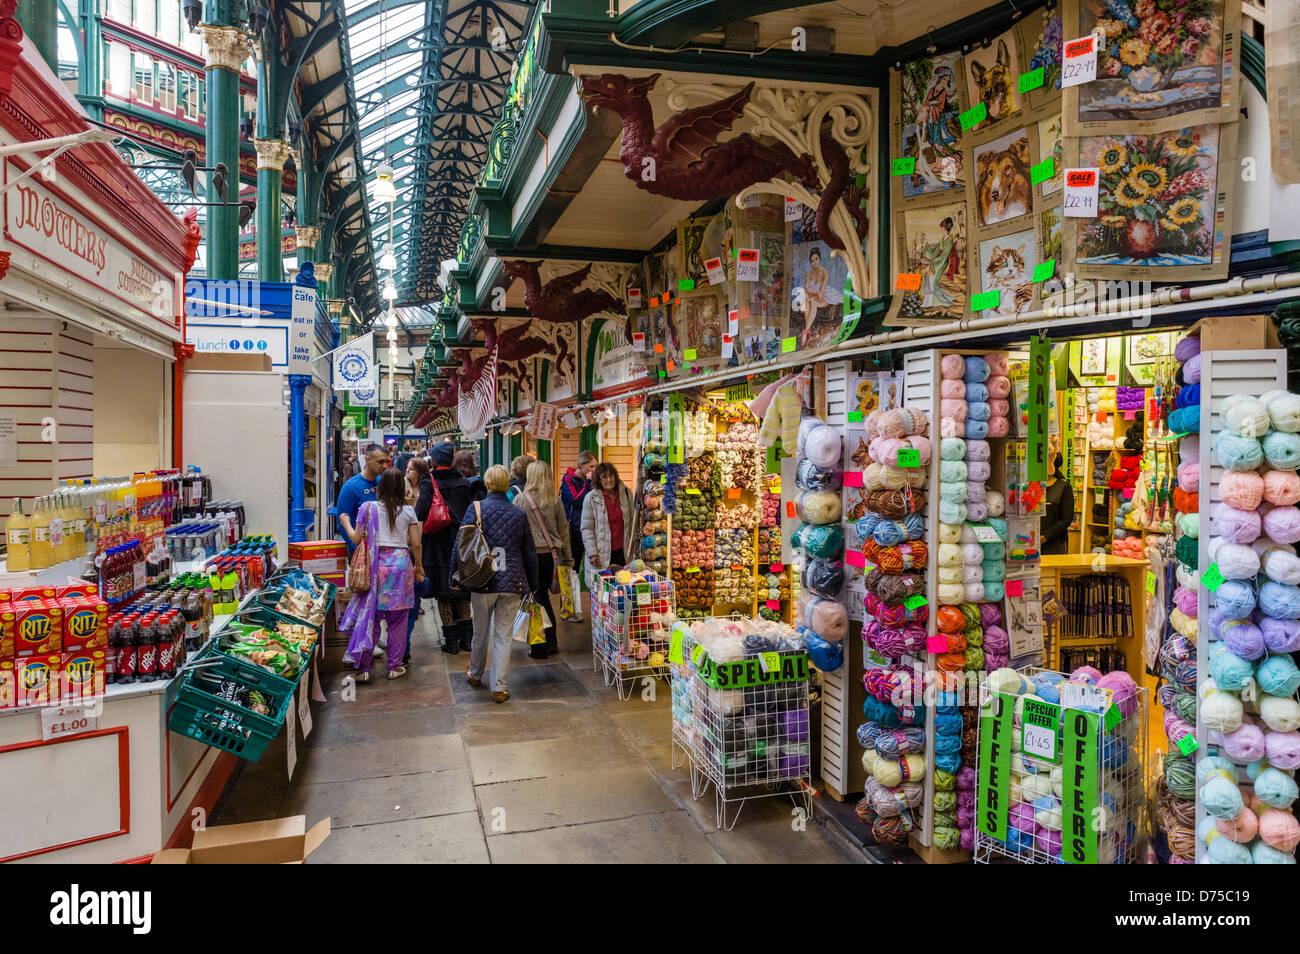 Kirkgate Market, Leeds, West Yorkshire, UK - Stock Image